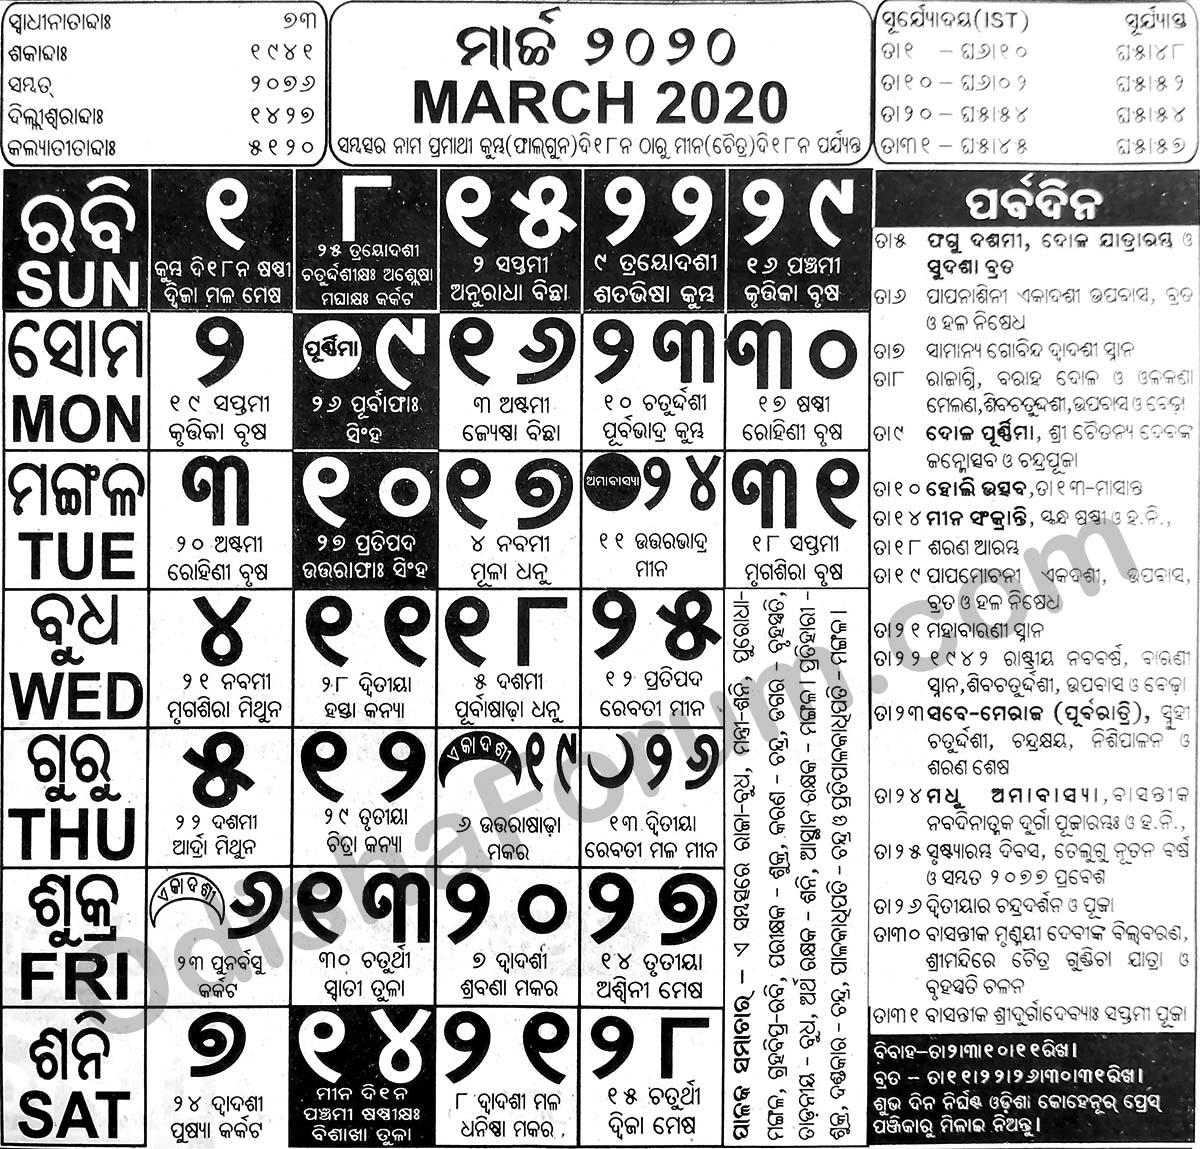 2020 March Oriya Calendar